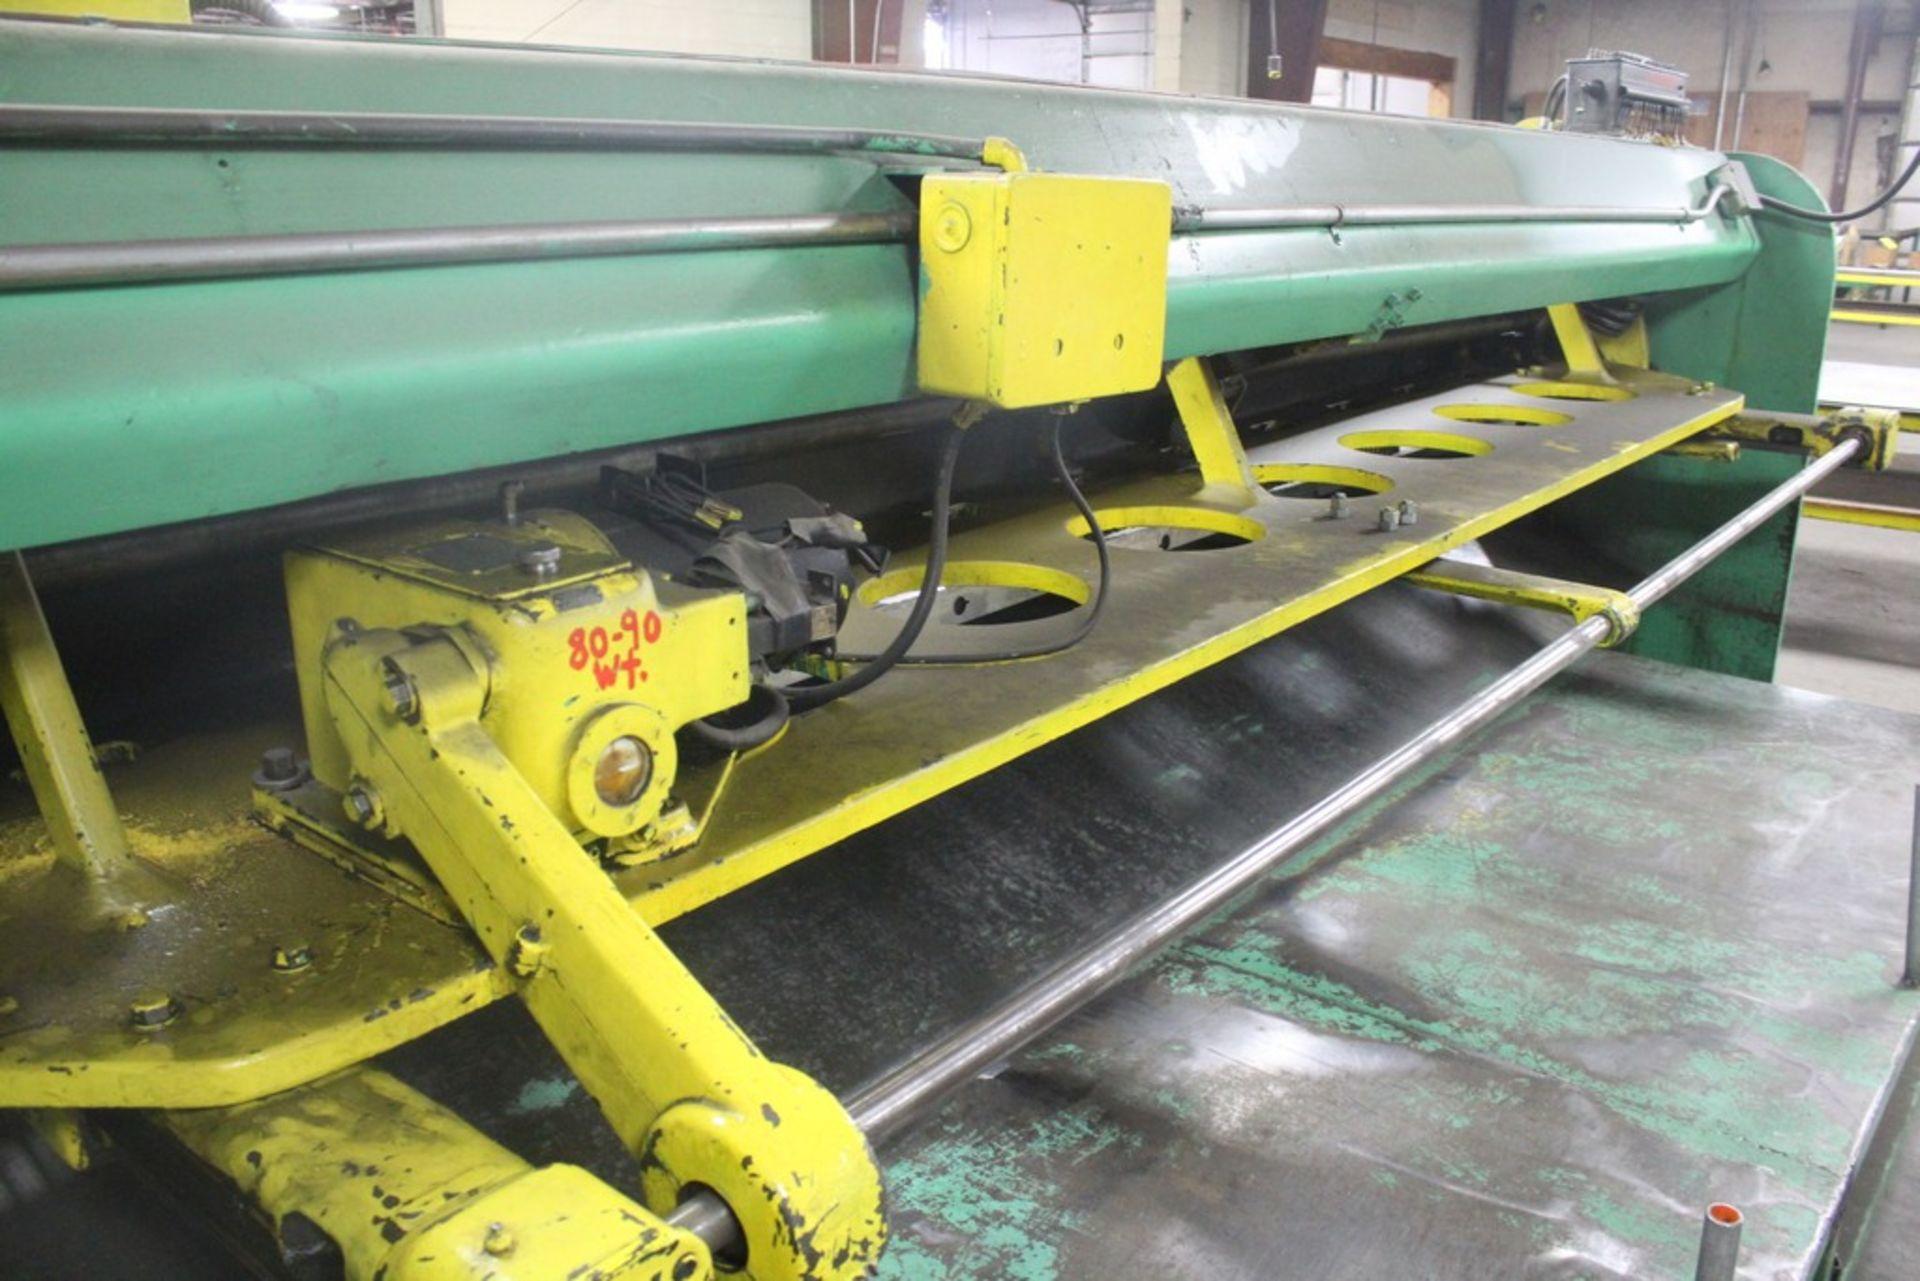 Lot 44 - Cincinnati Model 1014 Mechanical Power Squaring Shear, Serial Number: 10726 14' x 12 Ga Capacity -